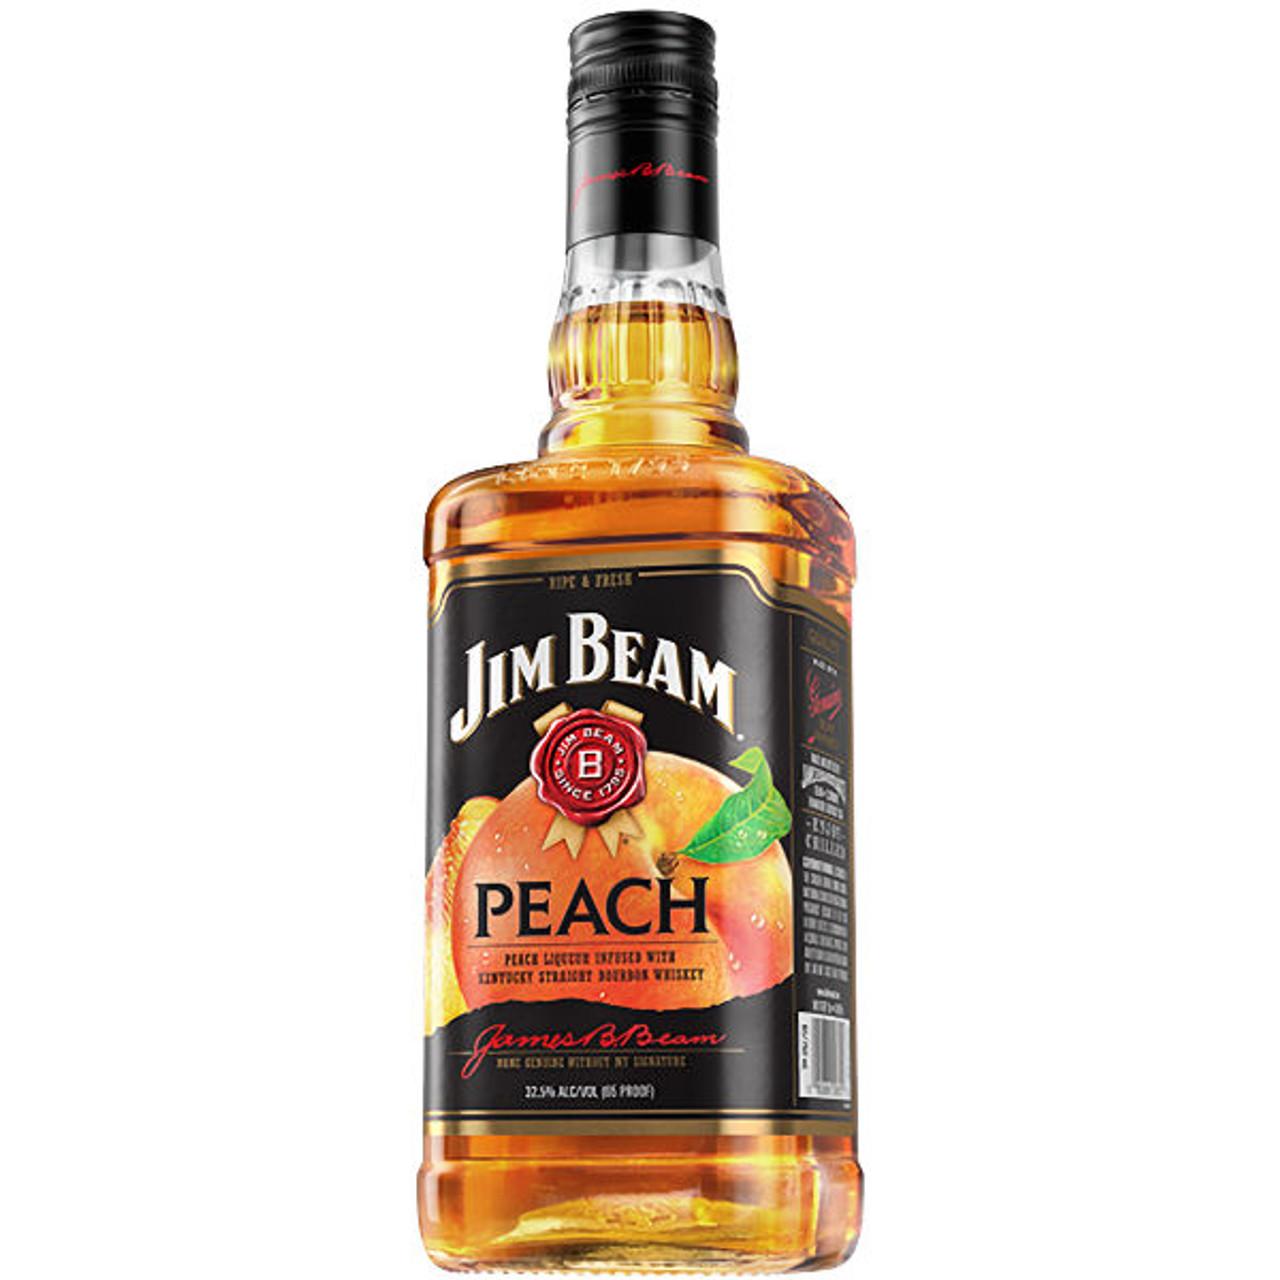 Jim Beam Peach Bourbon Liqueur 750ml